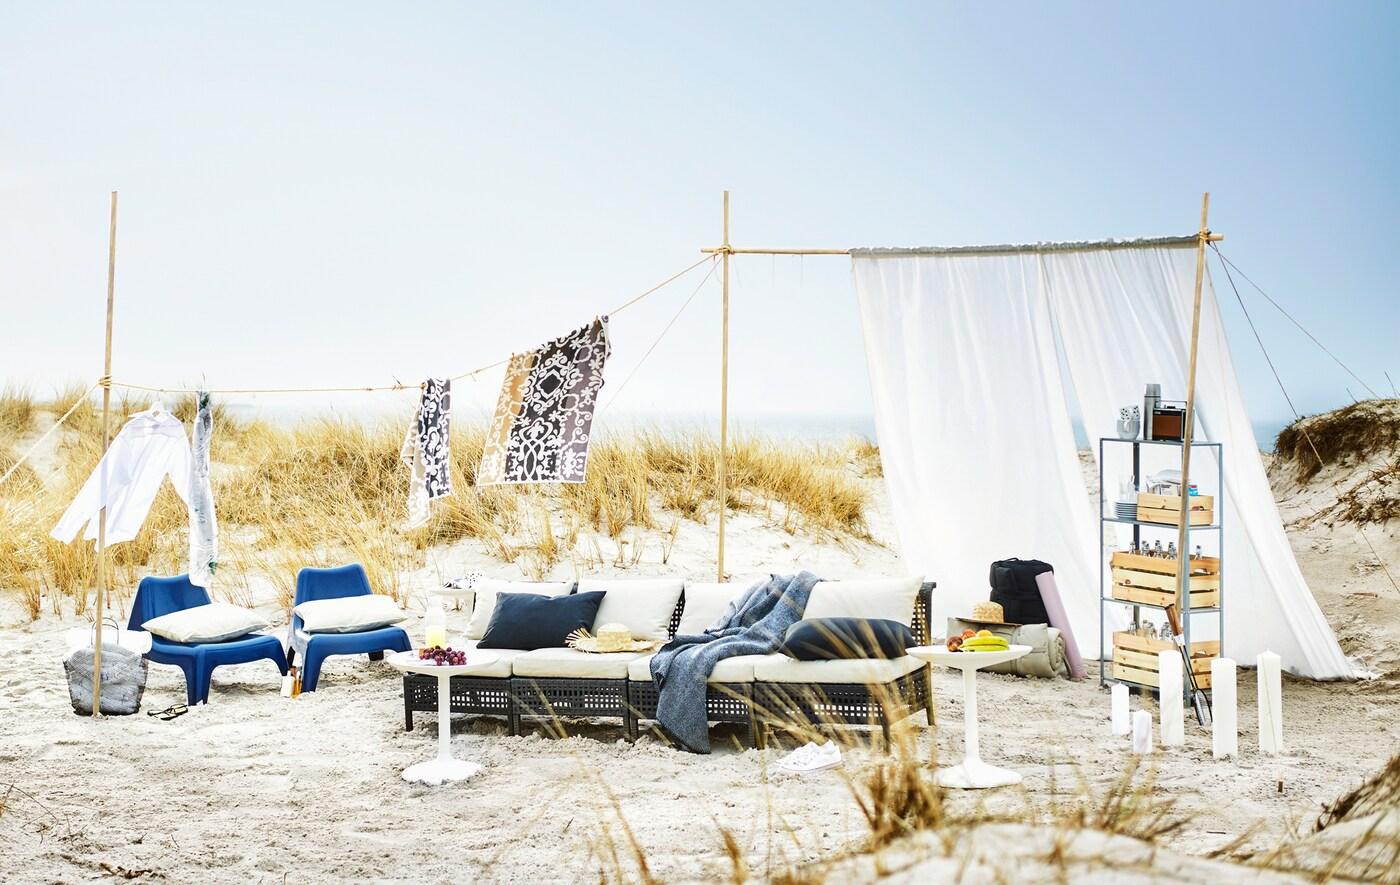 An einem Sandstrand sind ein Sofa, blaue Strandstühle, ein Regal, eine Wäscheleine & ein wehender weißer Vorhang platziert.